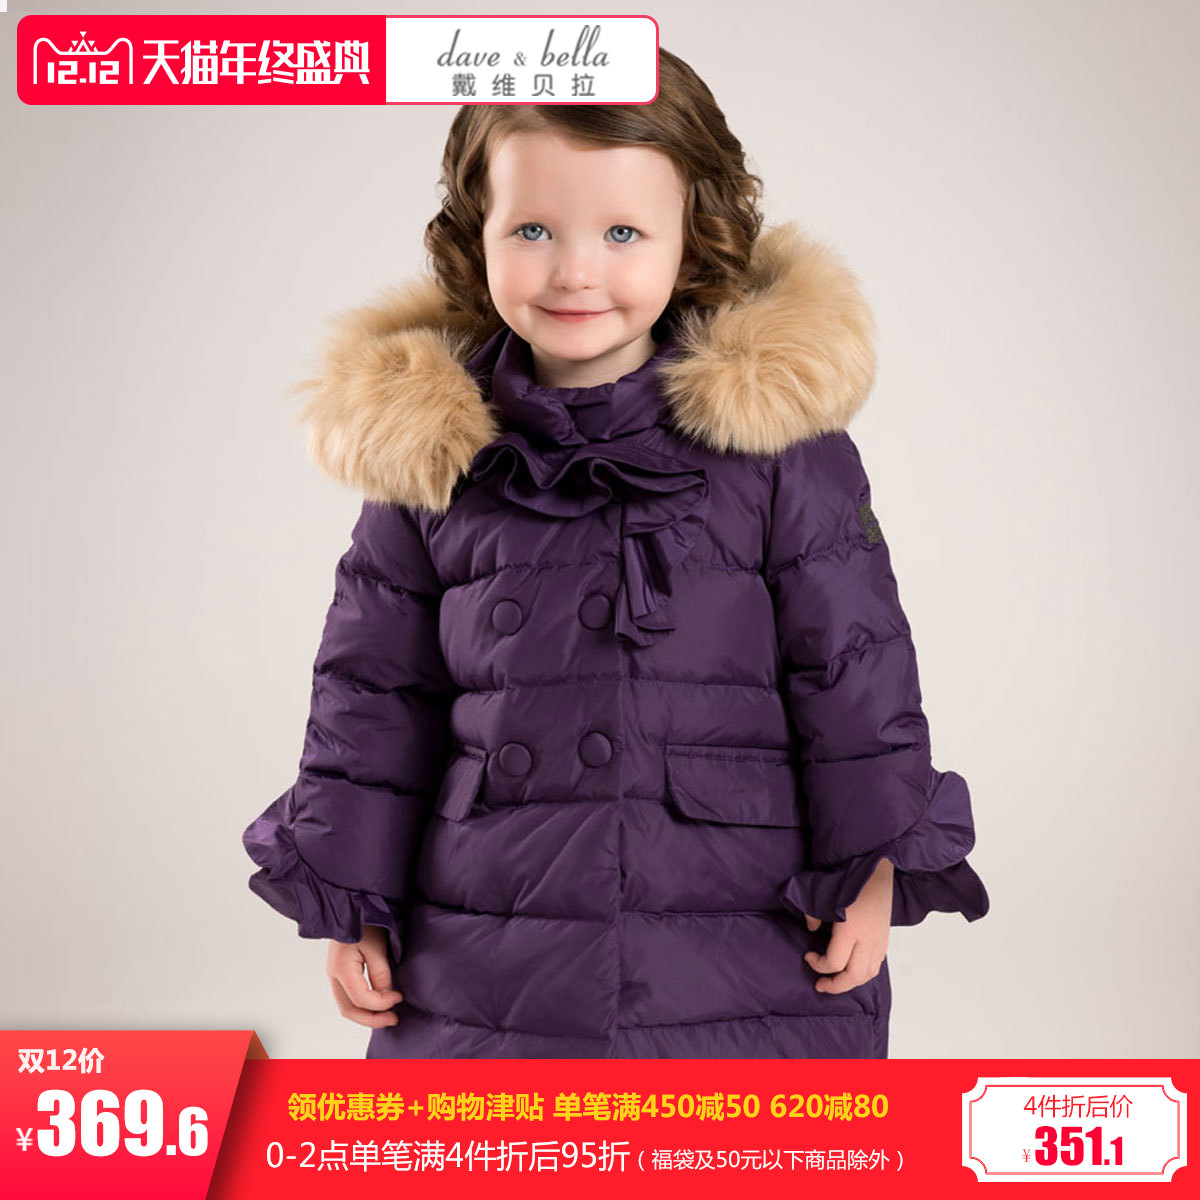 【长款】davebella戴维贝拉女童冬季新款 宝宝保暖羽绒服DB5918